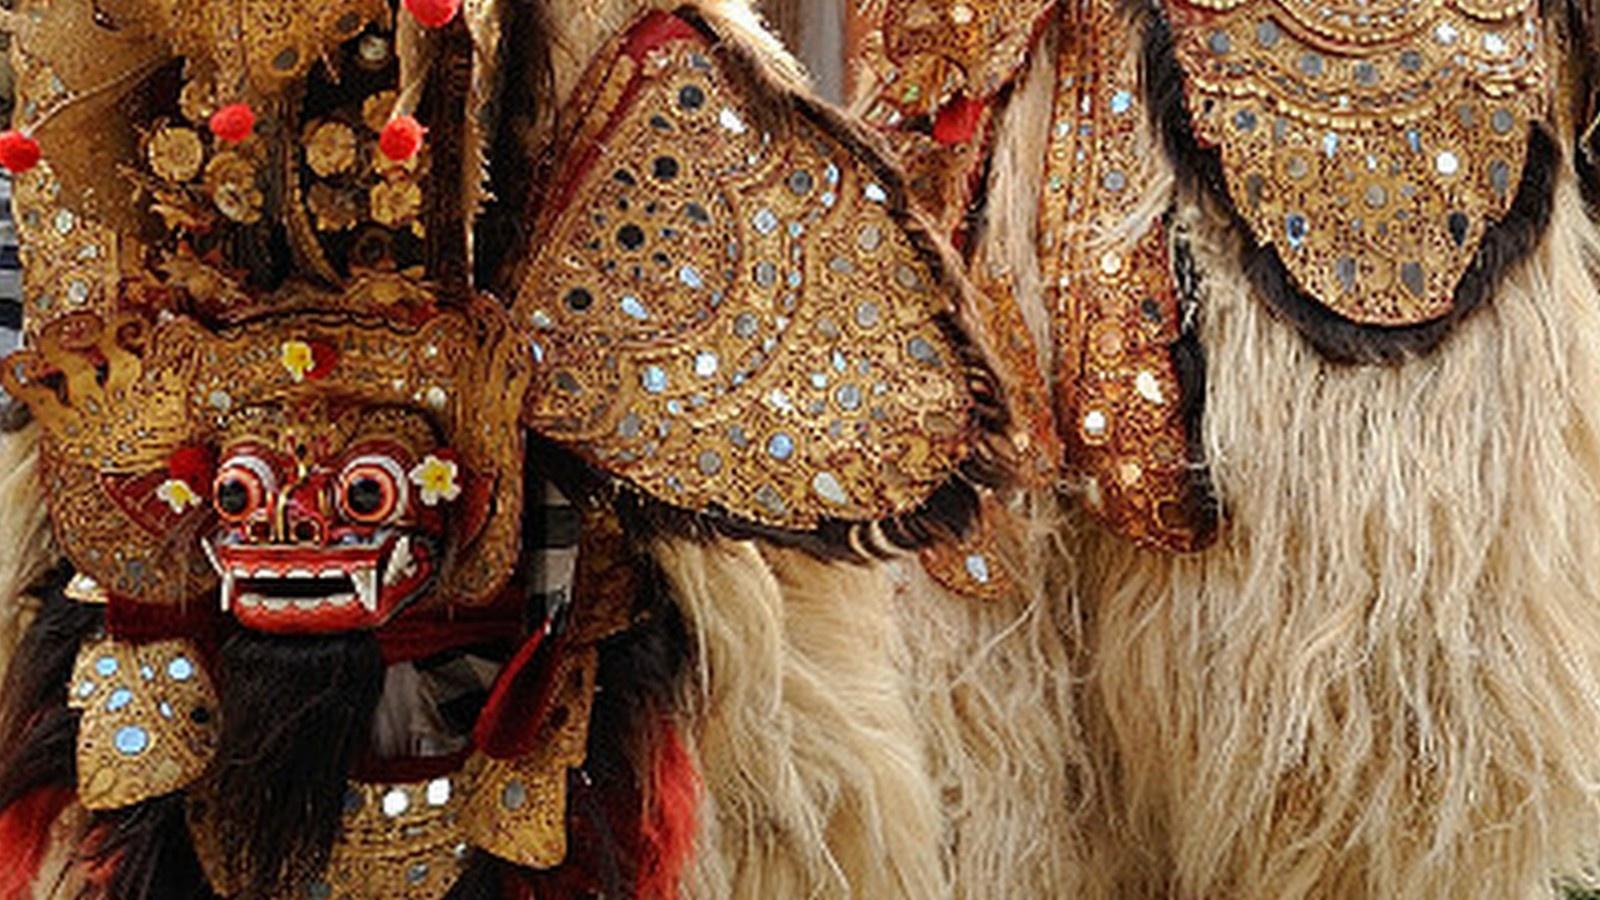 blog sur bali carnival 500810 hd wallpaper backgrounds download blog sur bali carnival 500810 hd